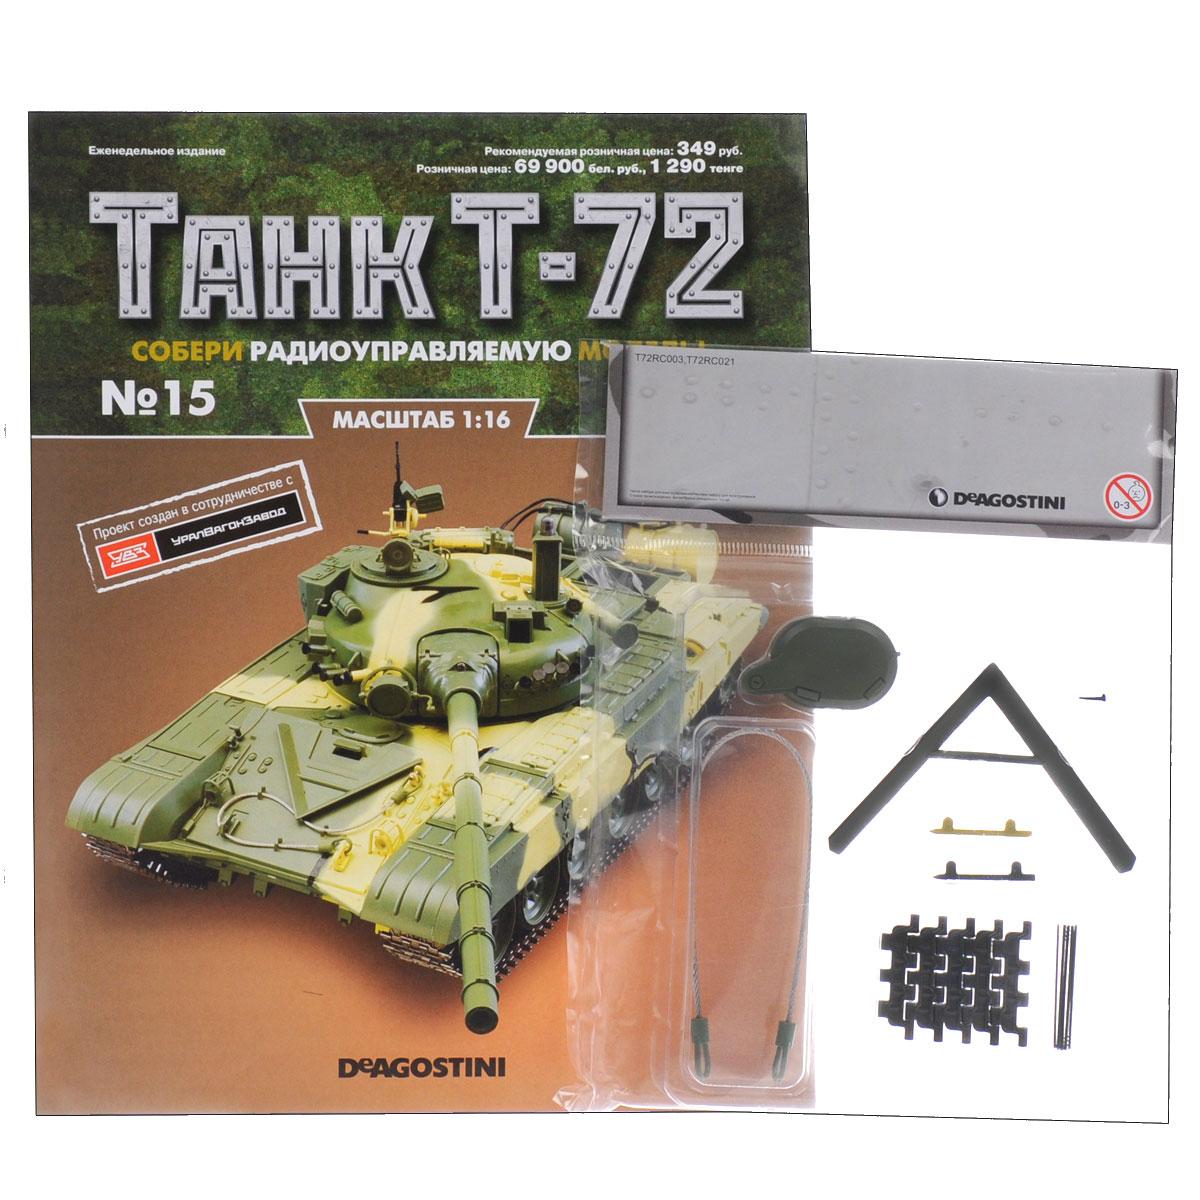 Журнал Танк Т-72 №15TRC015Издательский дом DeAgostini выпустил уникальную серию партворков Танк Т-72 с увлекательной информацией о легендарных боевых машинах и элементами для сборки копии танка Т-72 в уменьшенном варианте 1:16. У вас есть возможность собственноручно создать высококачественную модель этого знаменитого танка с достоверным воспроизведением всех элементов, сохранением функций подлинной боевой машины и дистанционным управлением. Получите удовольствие от пошаговой сборки этой замечательной модели с журнальной серией Танк Т-72 компании ДеАгостини! В комплекте: 1. Буксирный трос 2. Грязезащитная панель 3. Крышка люка механика-водителя 4. Крепежный винт 5. Траки (5 шт.) 6. Штифты (5 шт.) Категория 16+.